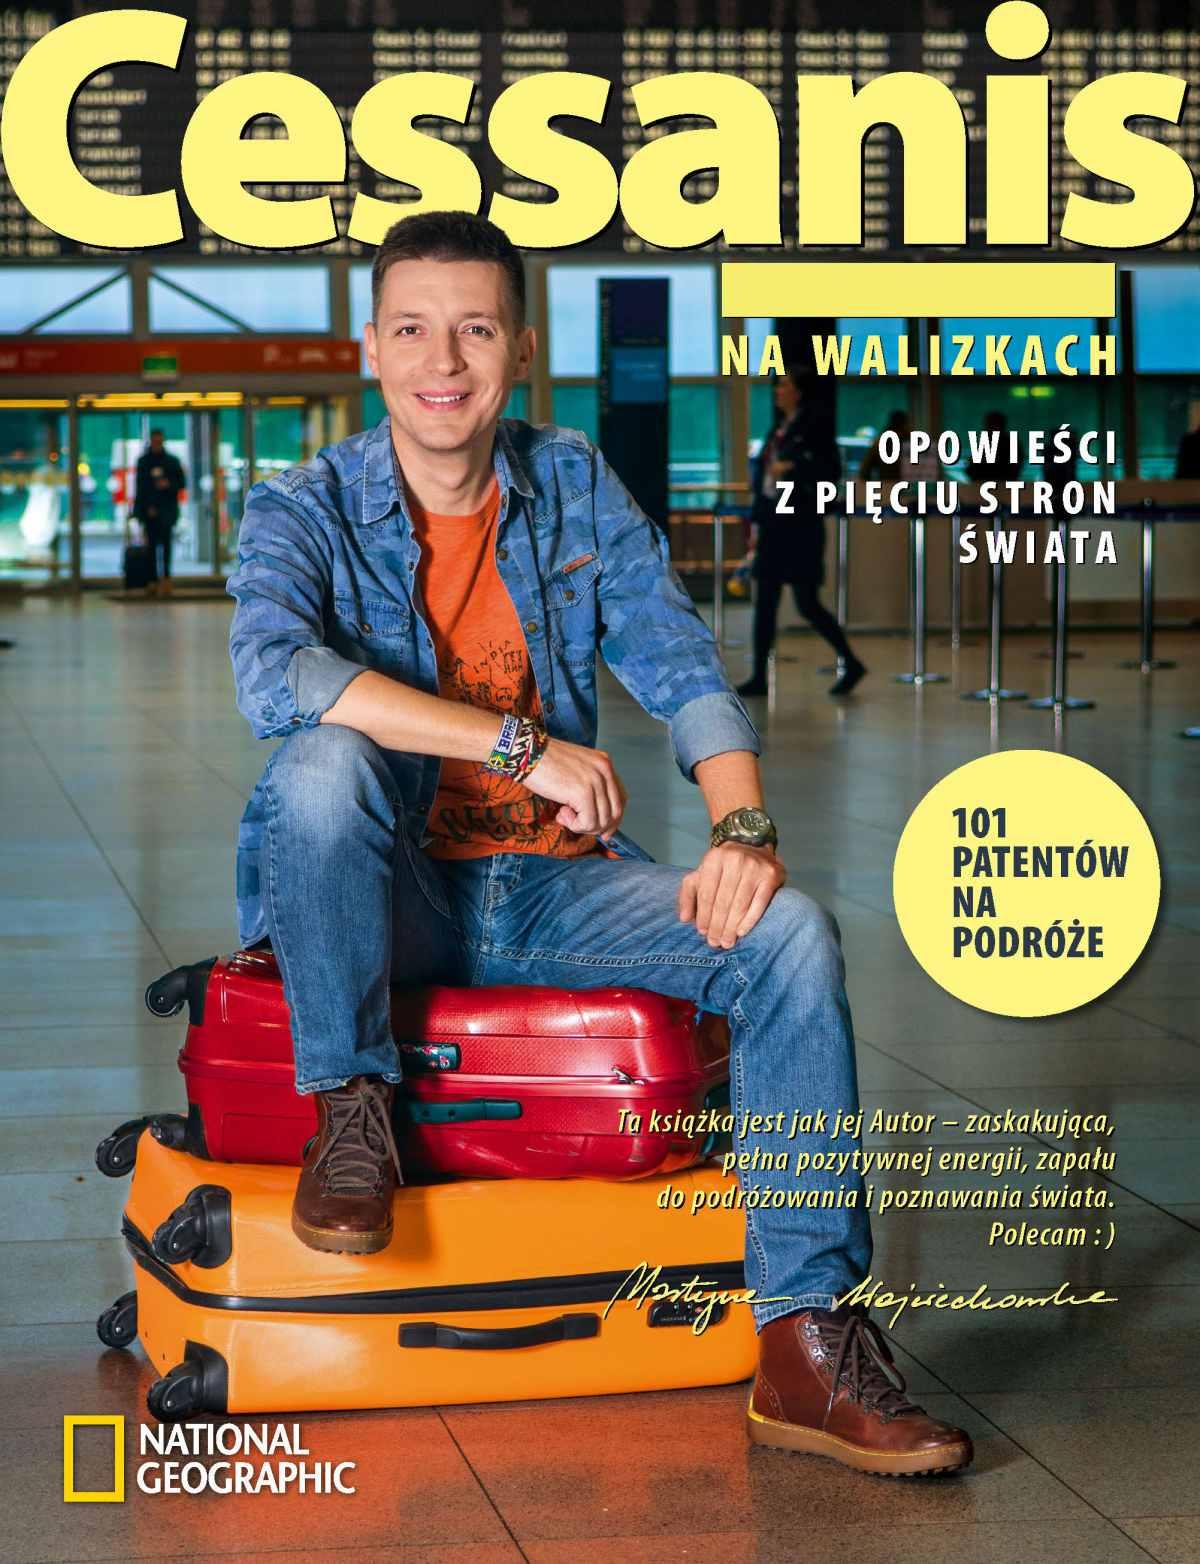 Michał Cessanis na walizkach. Opowieści z pięciu stron świata - Ebook (Książka na Kindle) do pobrania w formacie MOBI